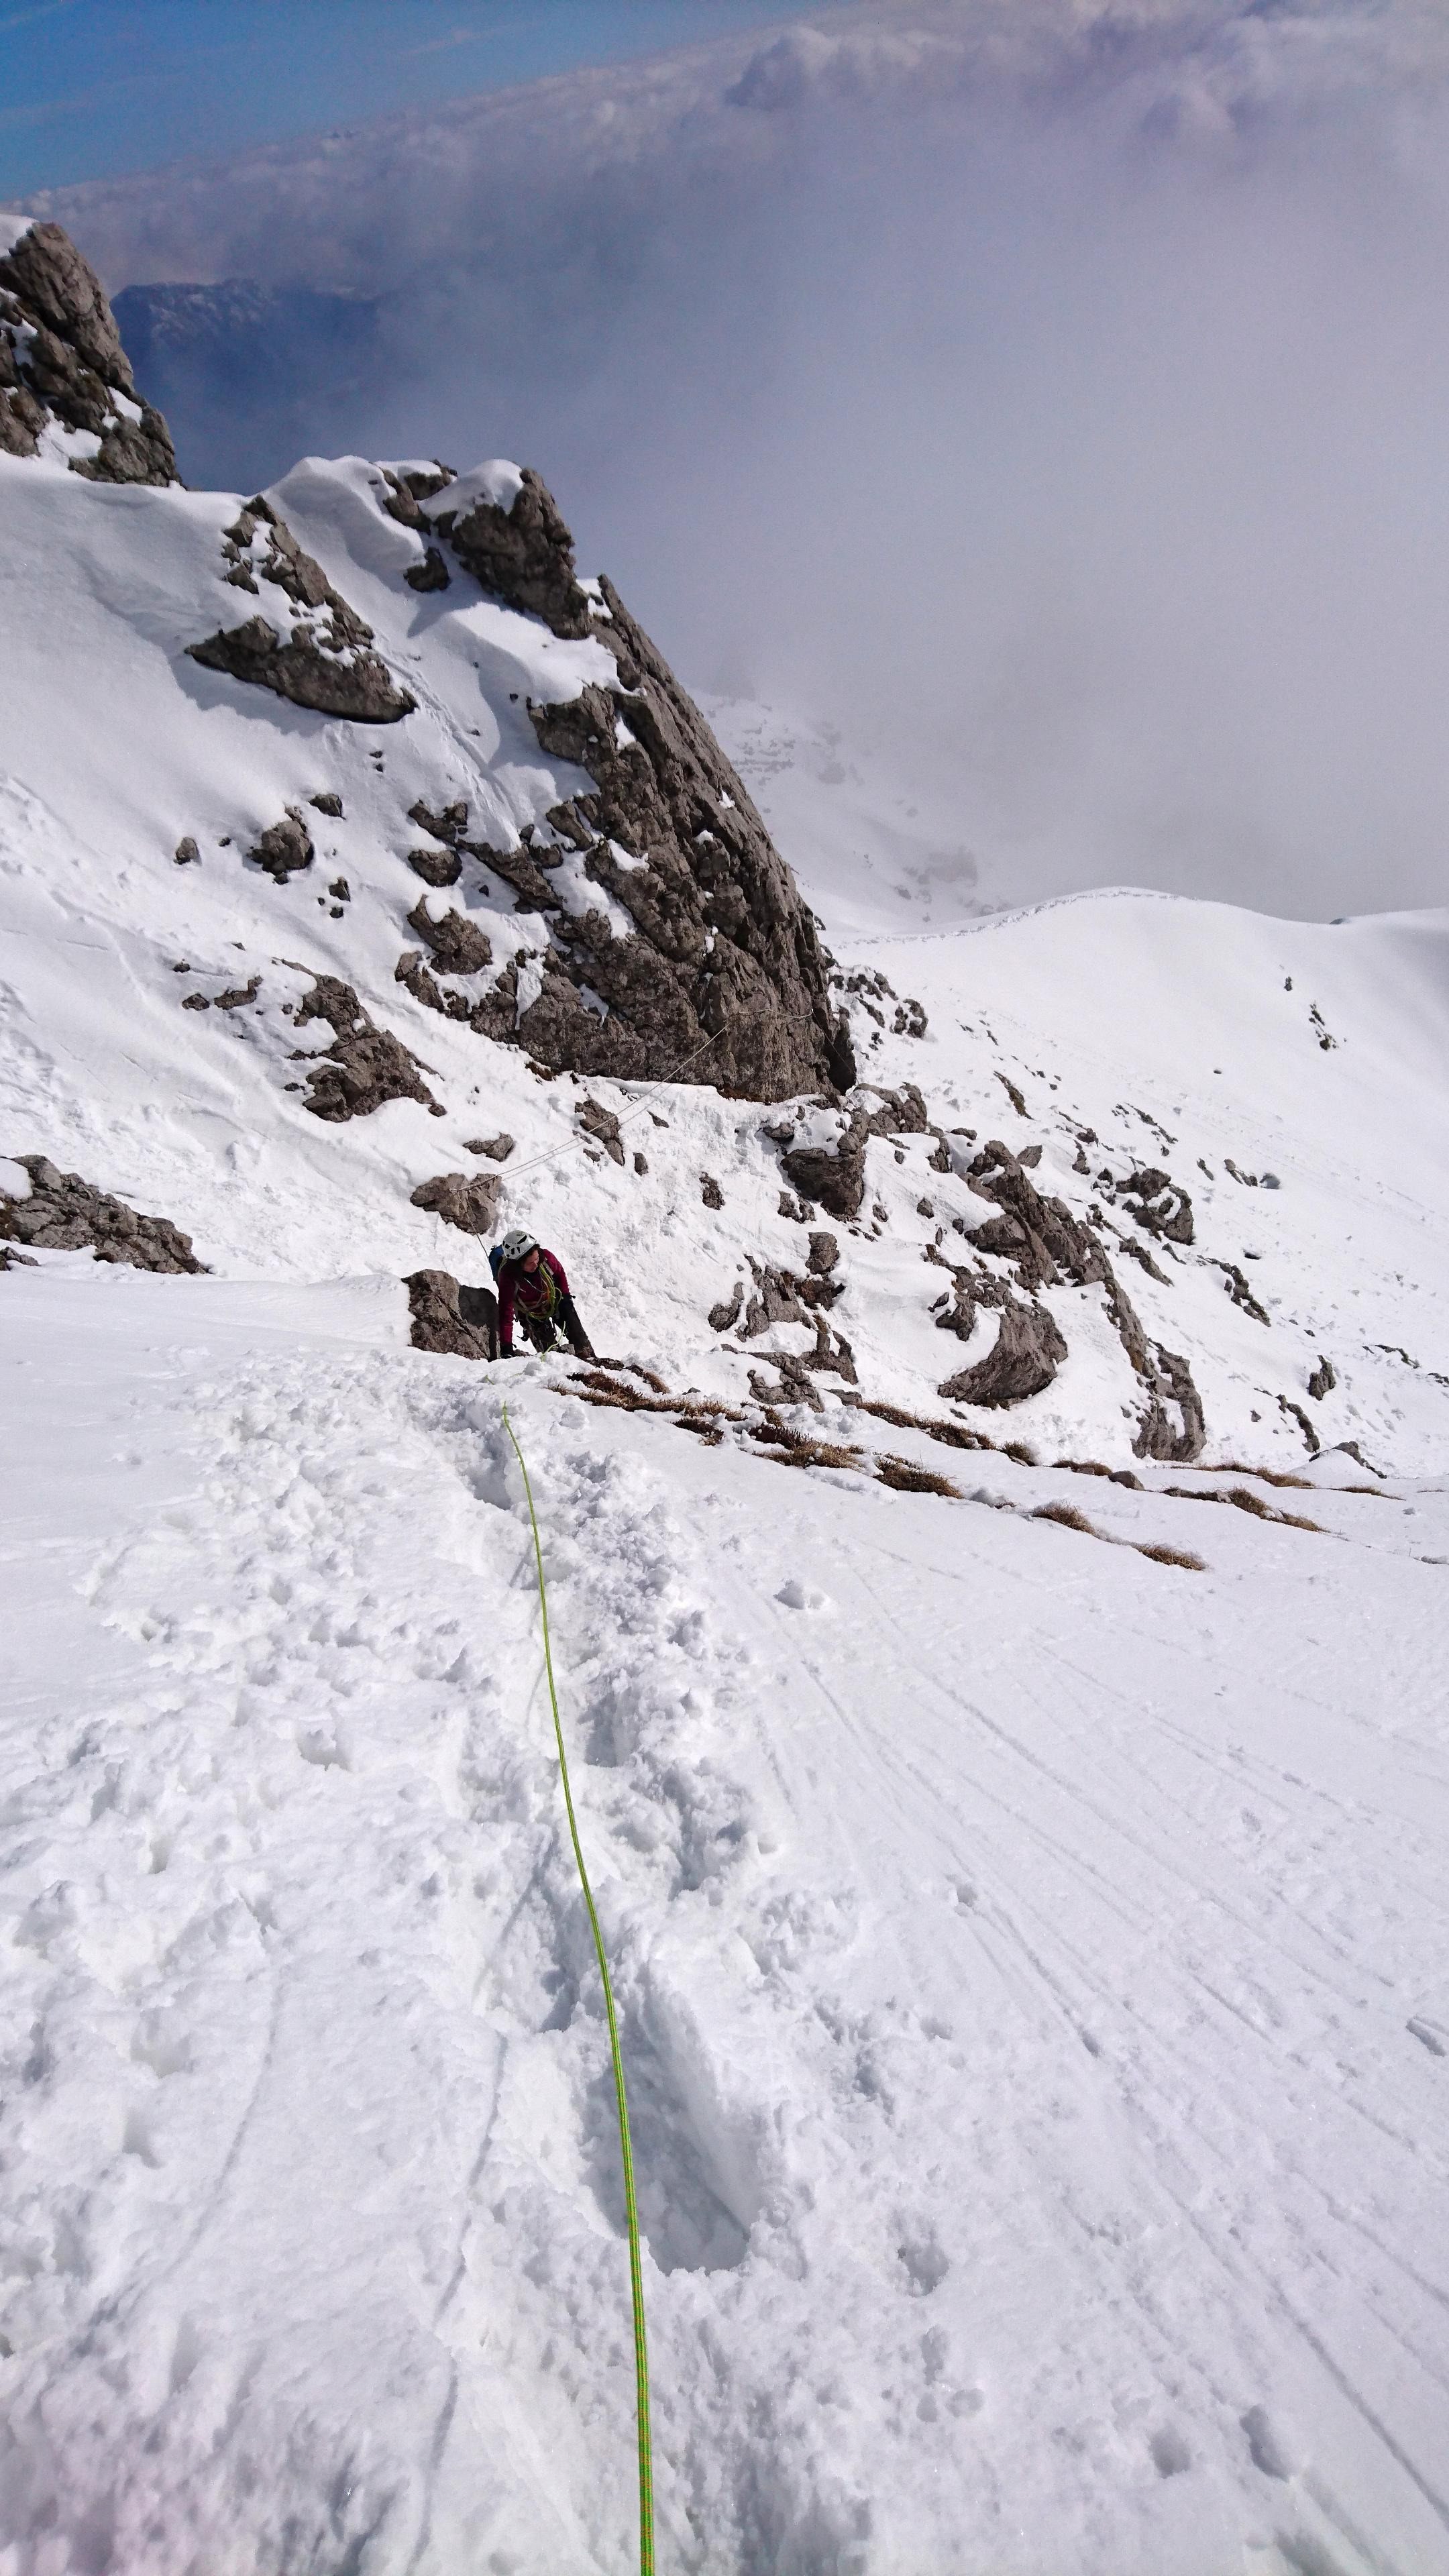 In arrivo verso il tratto di arrampicata finale